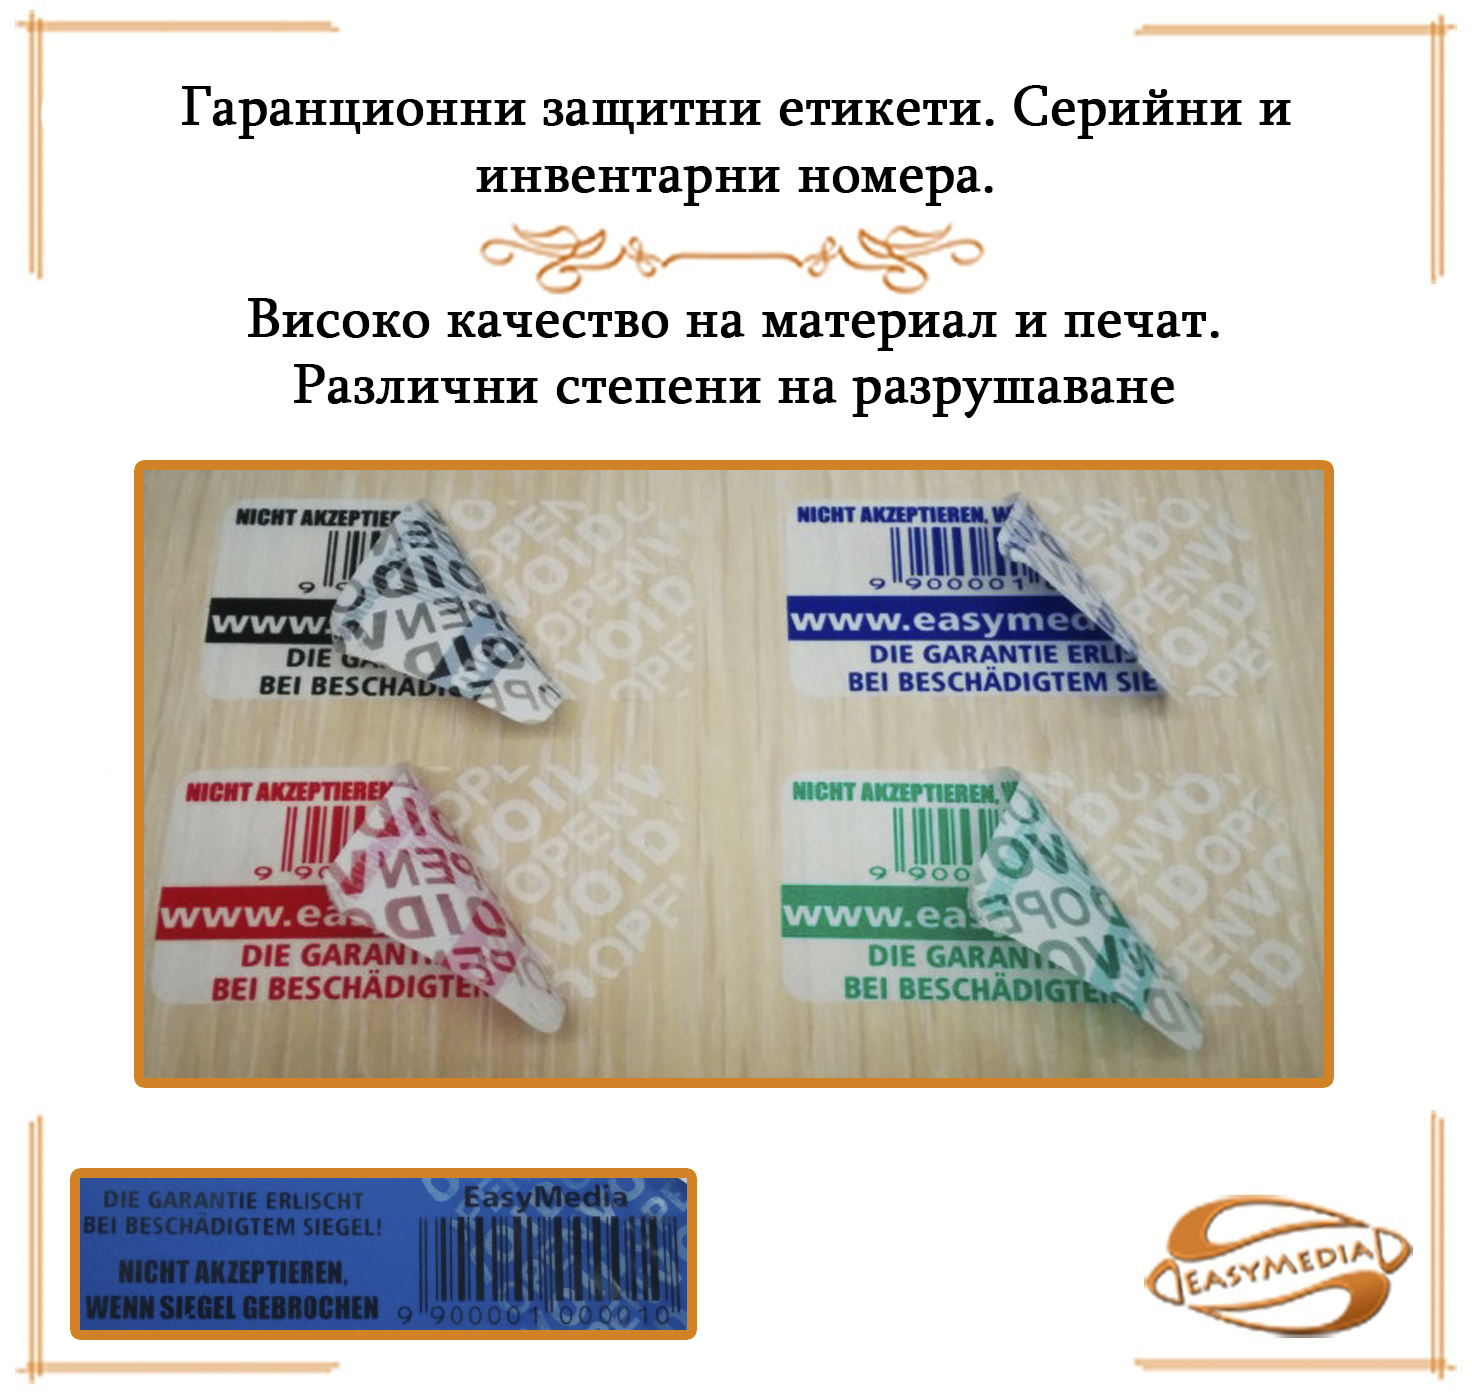 Гаранционни защитни VOID етикети